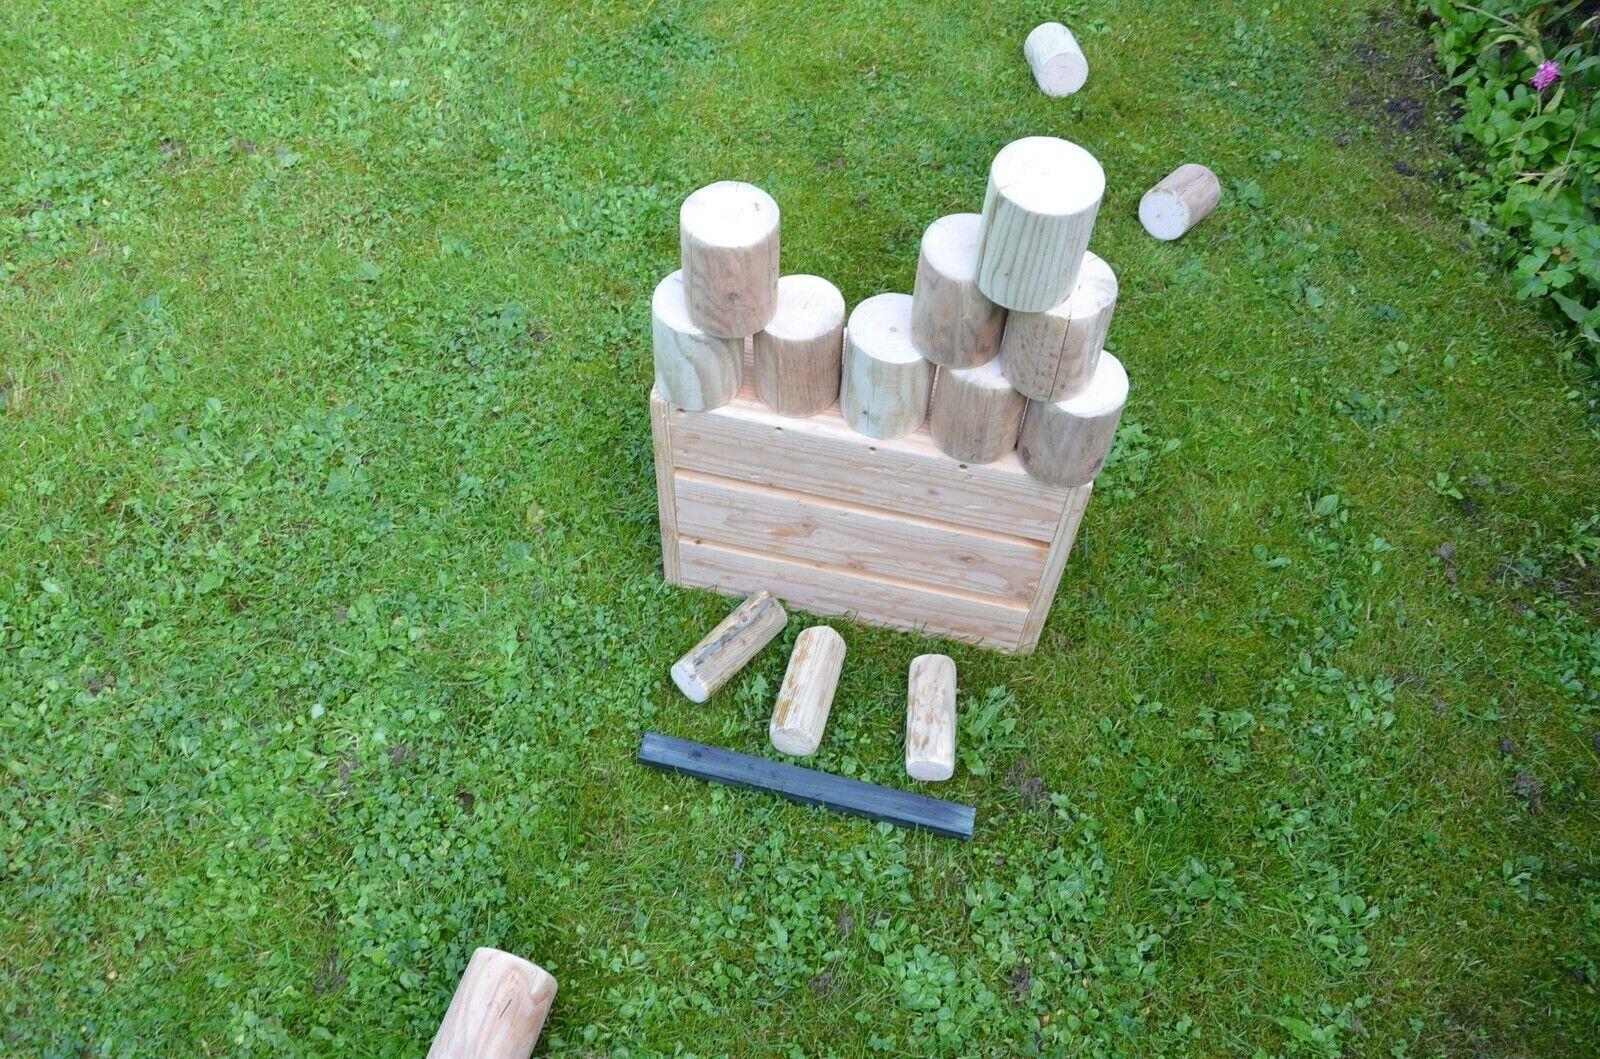 Outdoorspiele  Holzdosenwerfen natur  für für für draußen mit Stabiler Holzkiste. 80cc0b